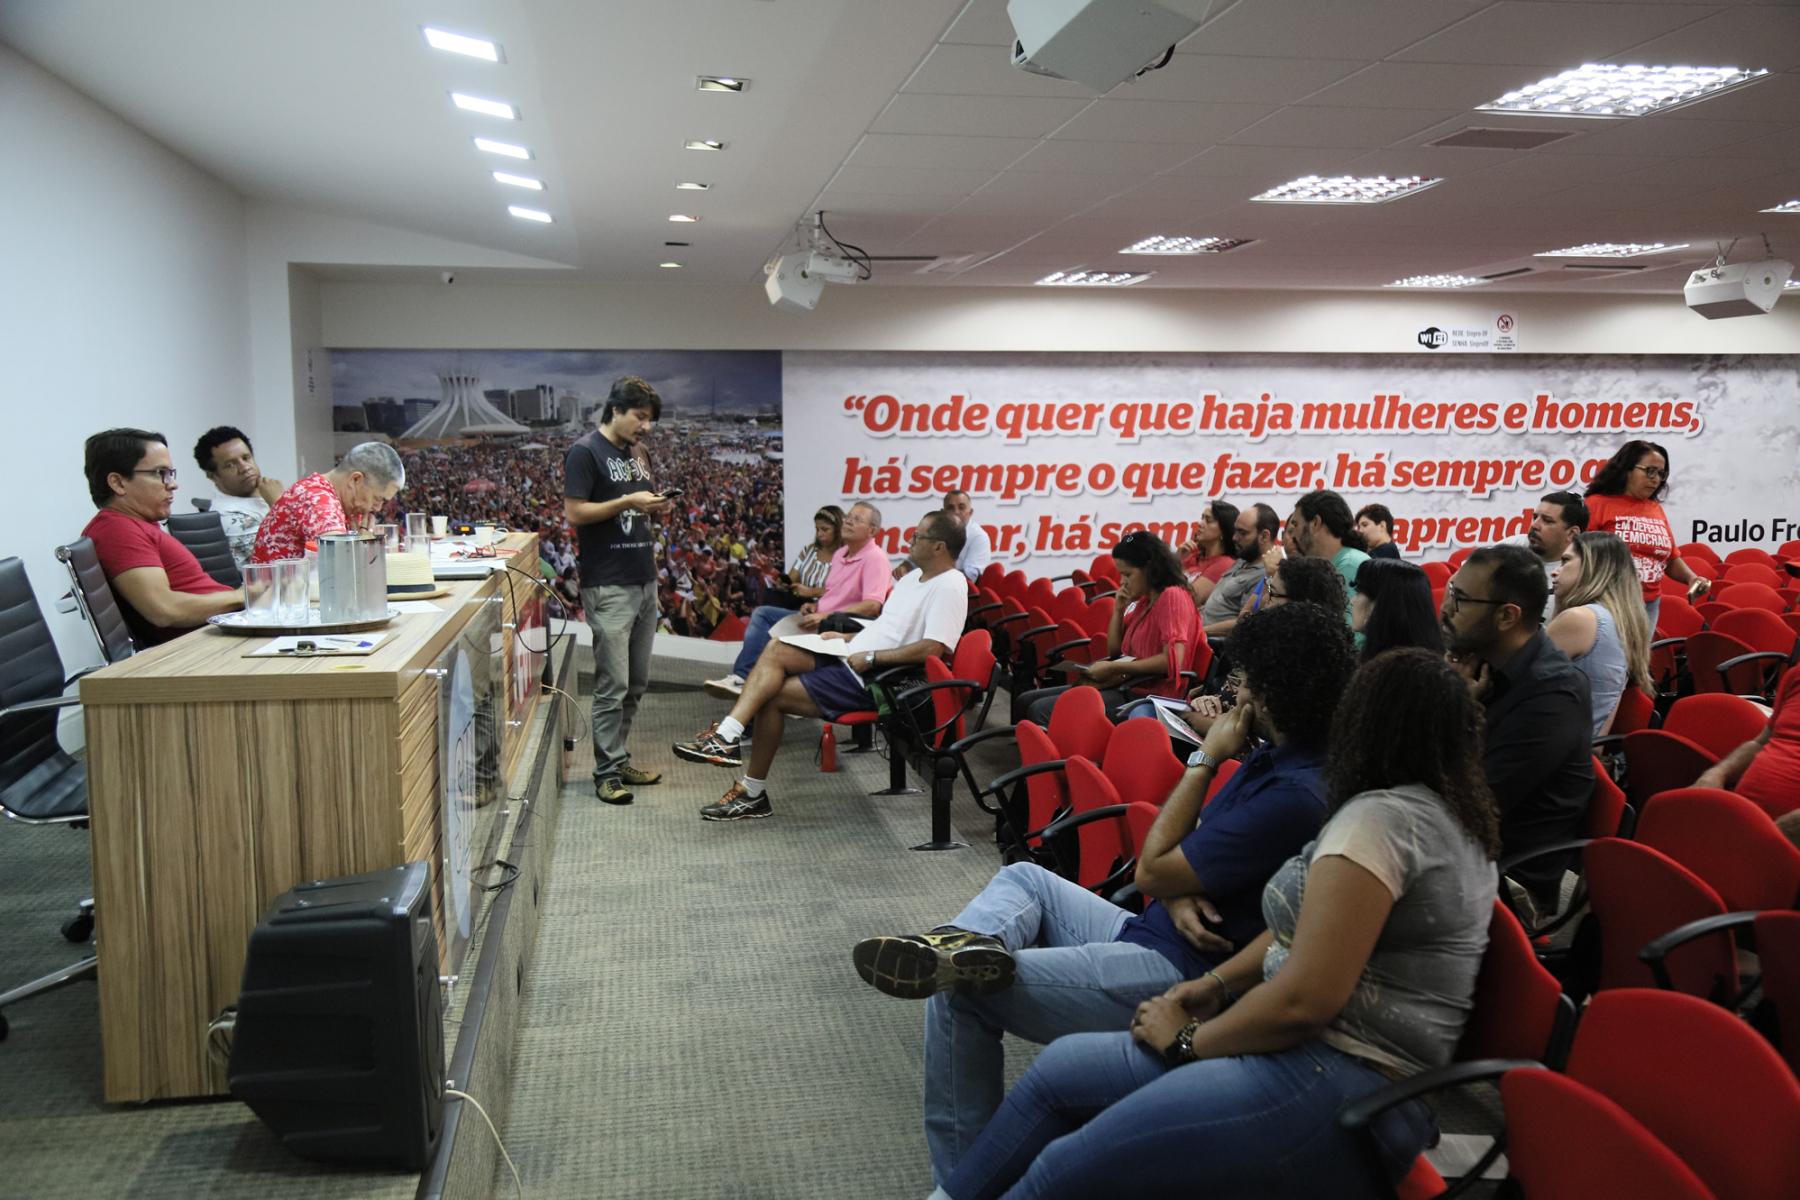 2019.01.17-Reuniao-sobre-Militarizacao-das-escolas-41